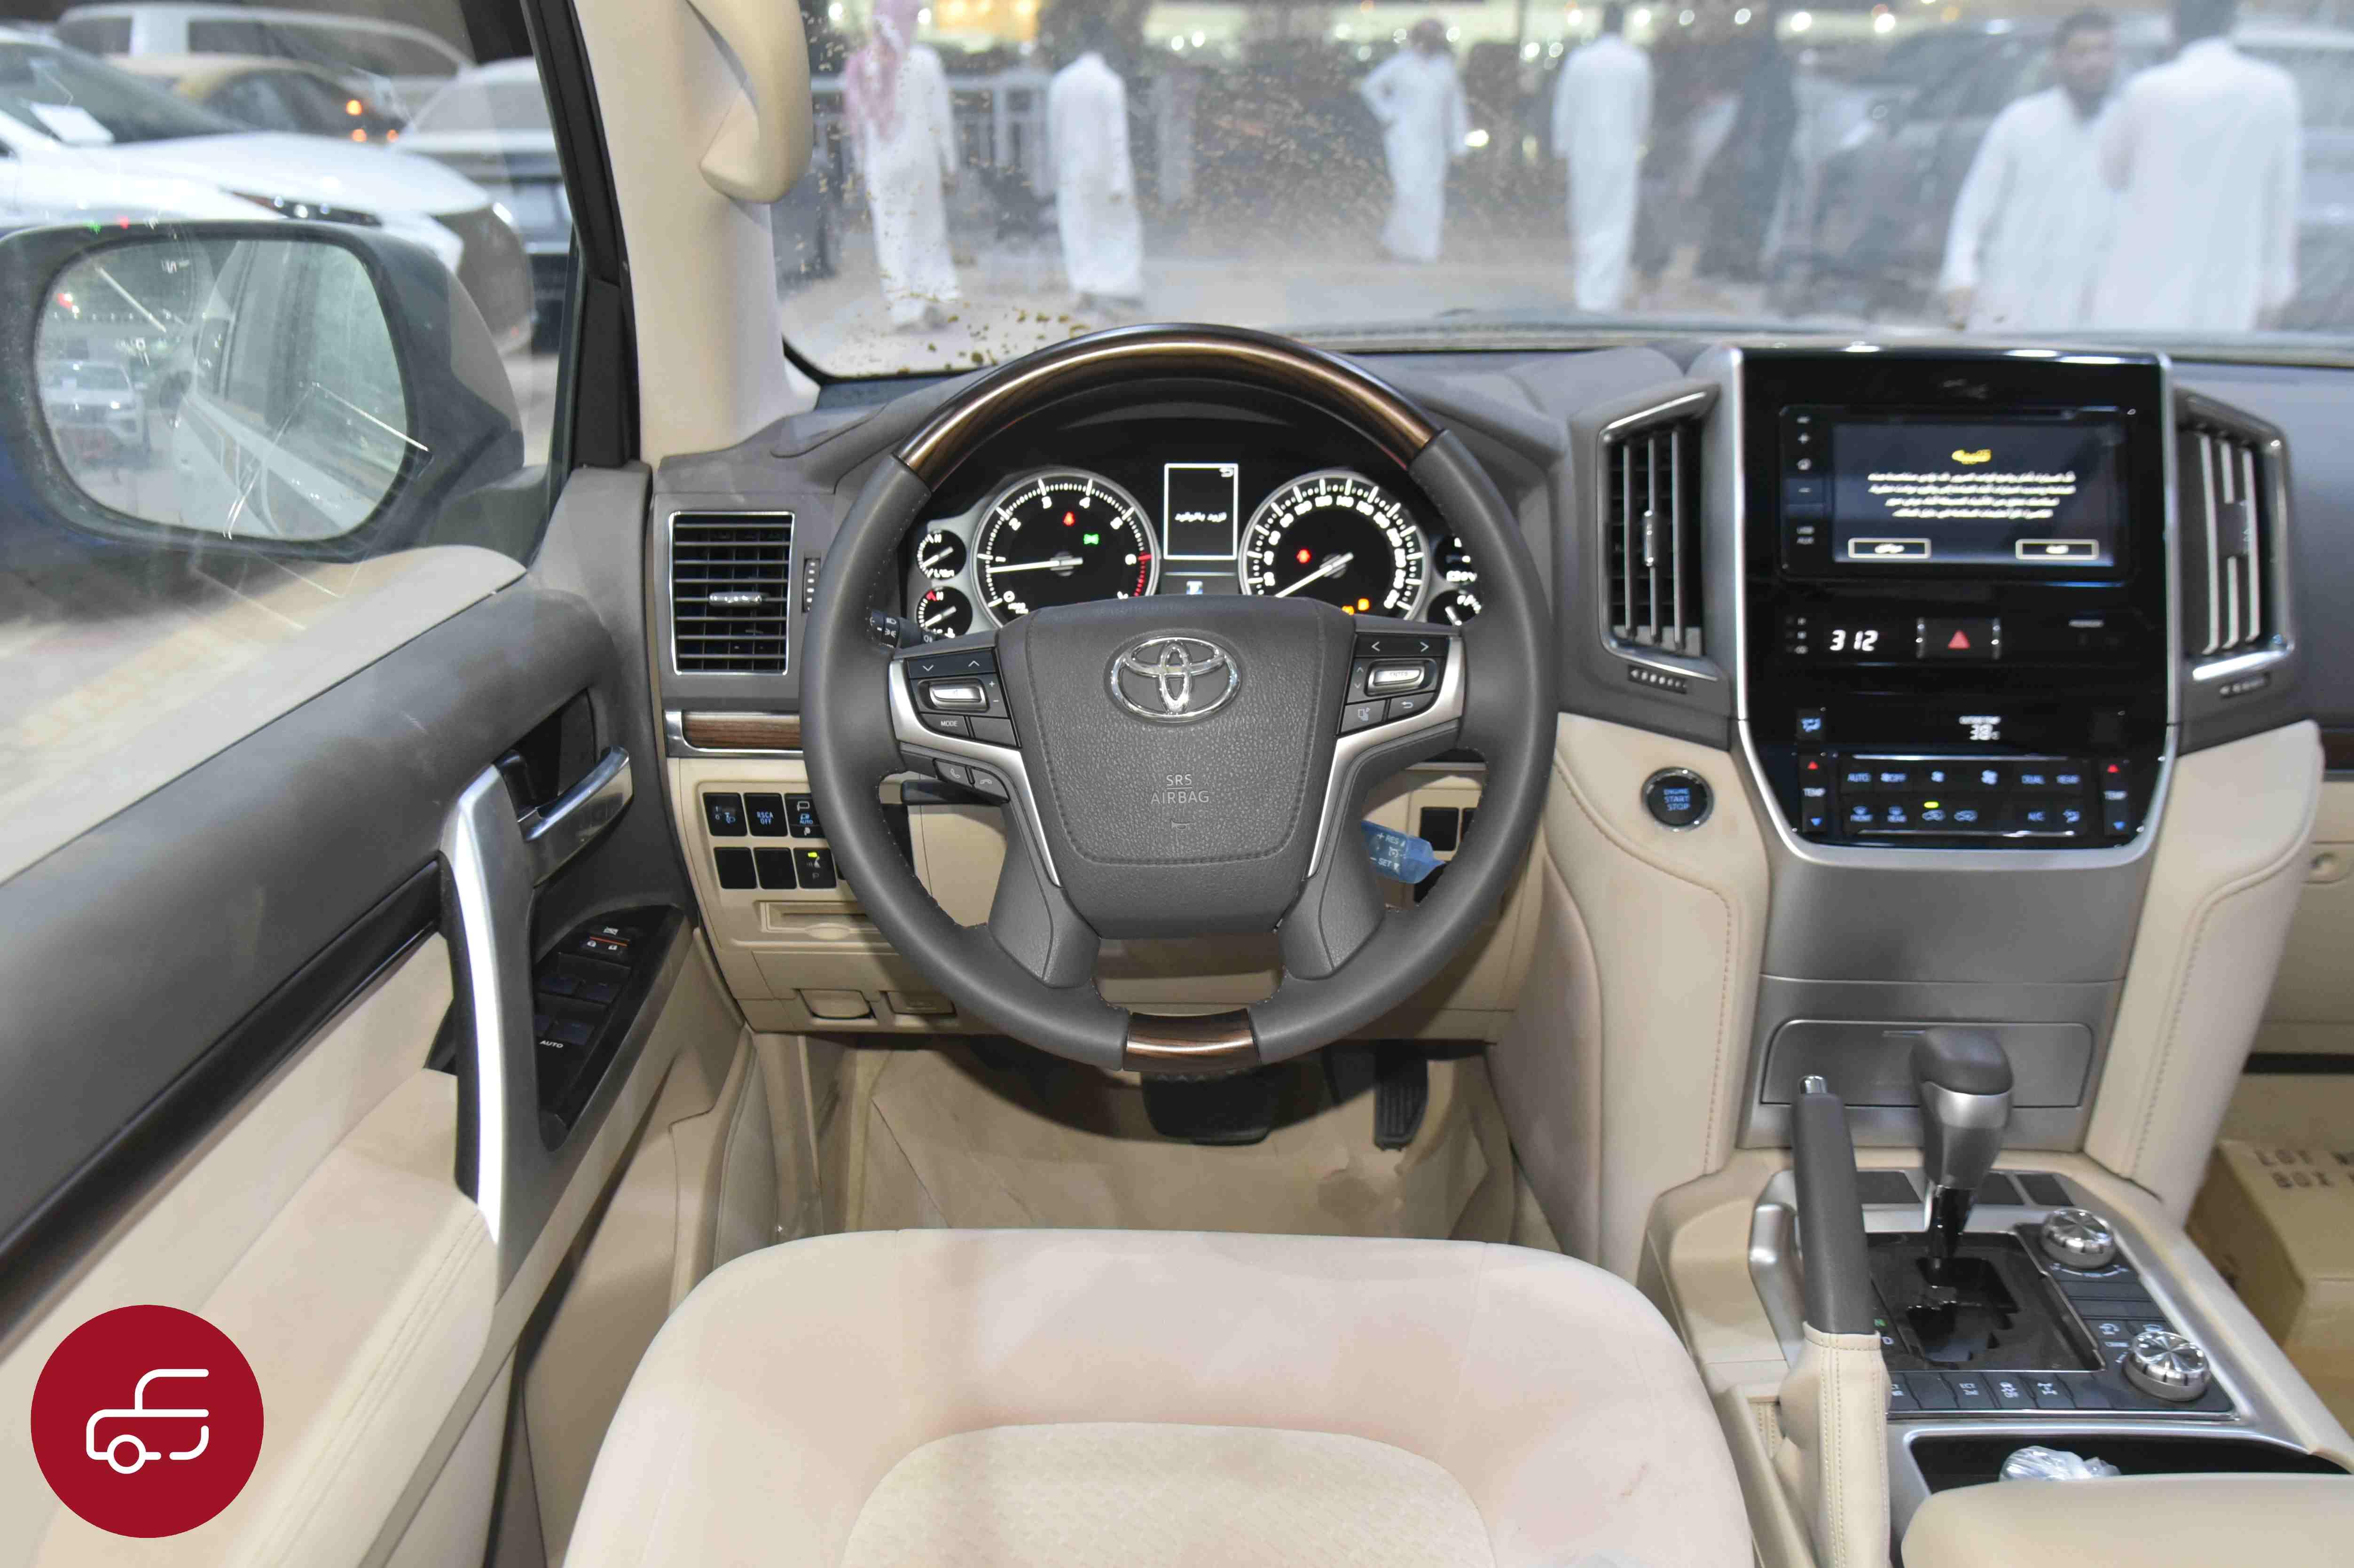 تويوتا لاندكروزر 2021 VXR   فتحة محرك 5.7 مخمل   كت خليجي جديد للبيع في الرياض - السعودية - صورة كبيرة - 9